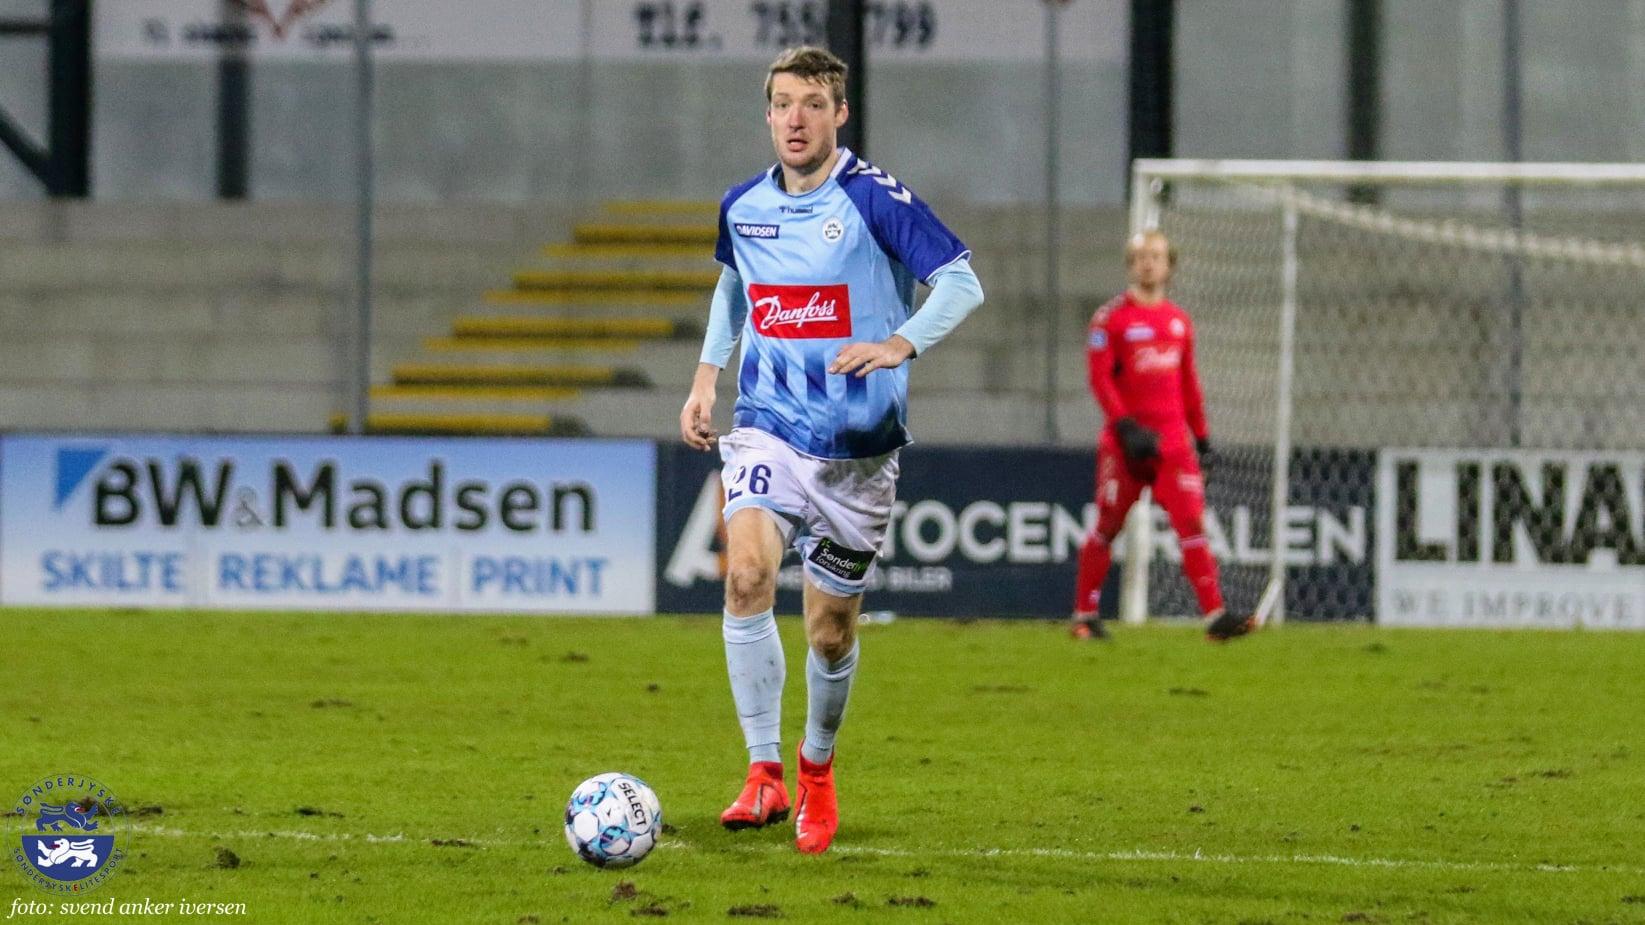 Patrick Banggaard scorede SønderjyskEs Superliga mål nummer 600 Foto: Svend Anker Iversen